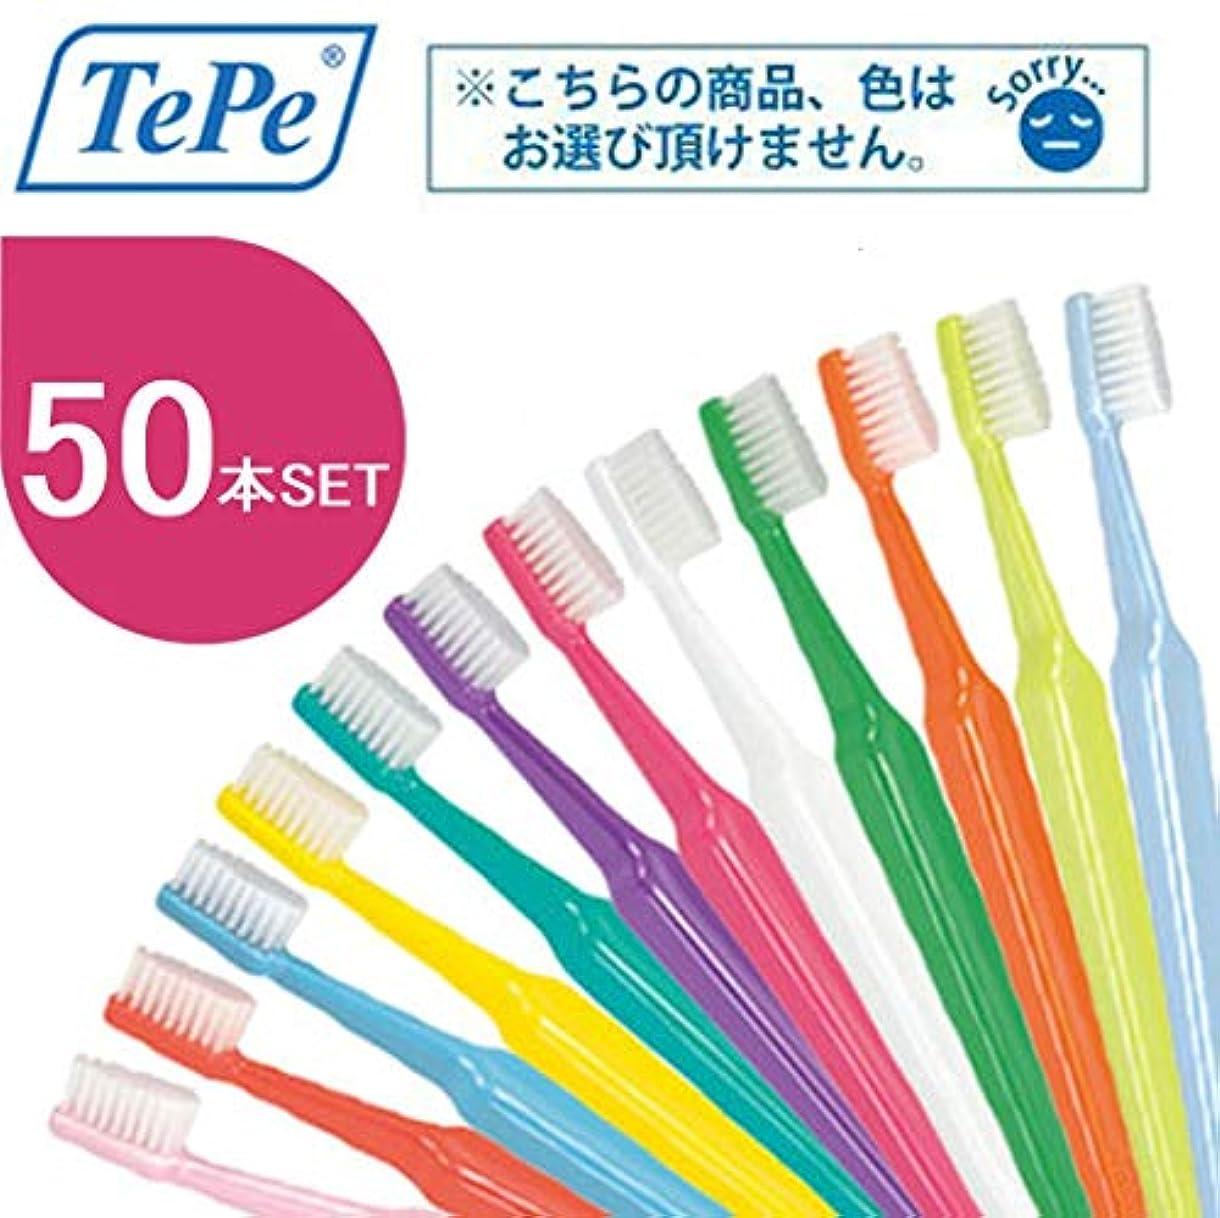 原子ドアミラー方法論クロスフィールド TePe テペ セレクト 歯ブラシ 50本 (エクストラソフト)